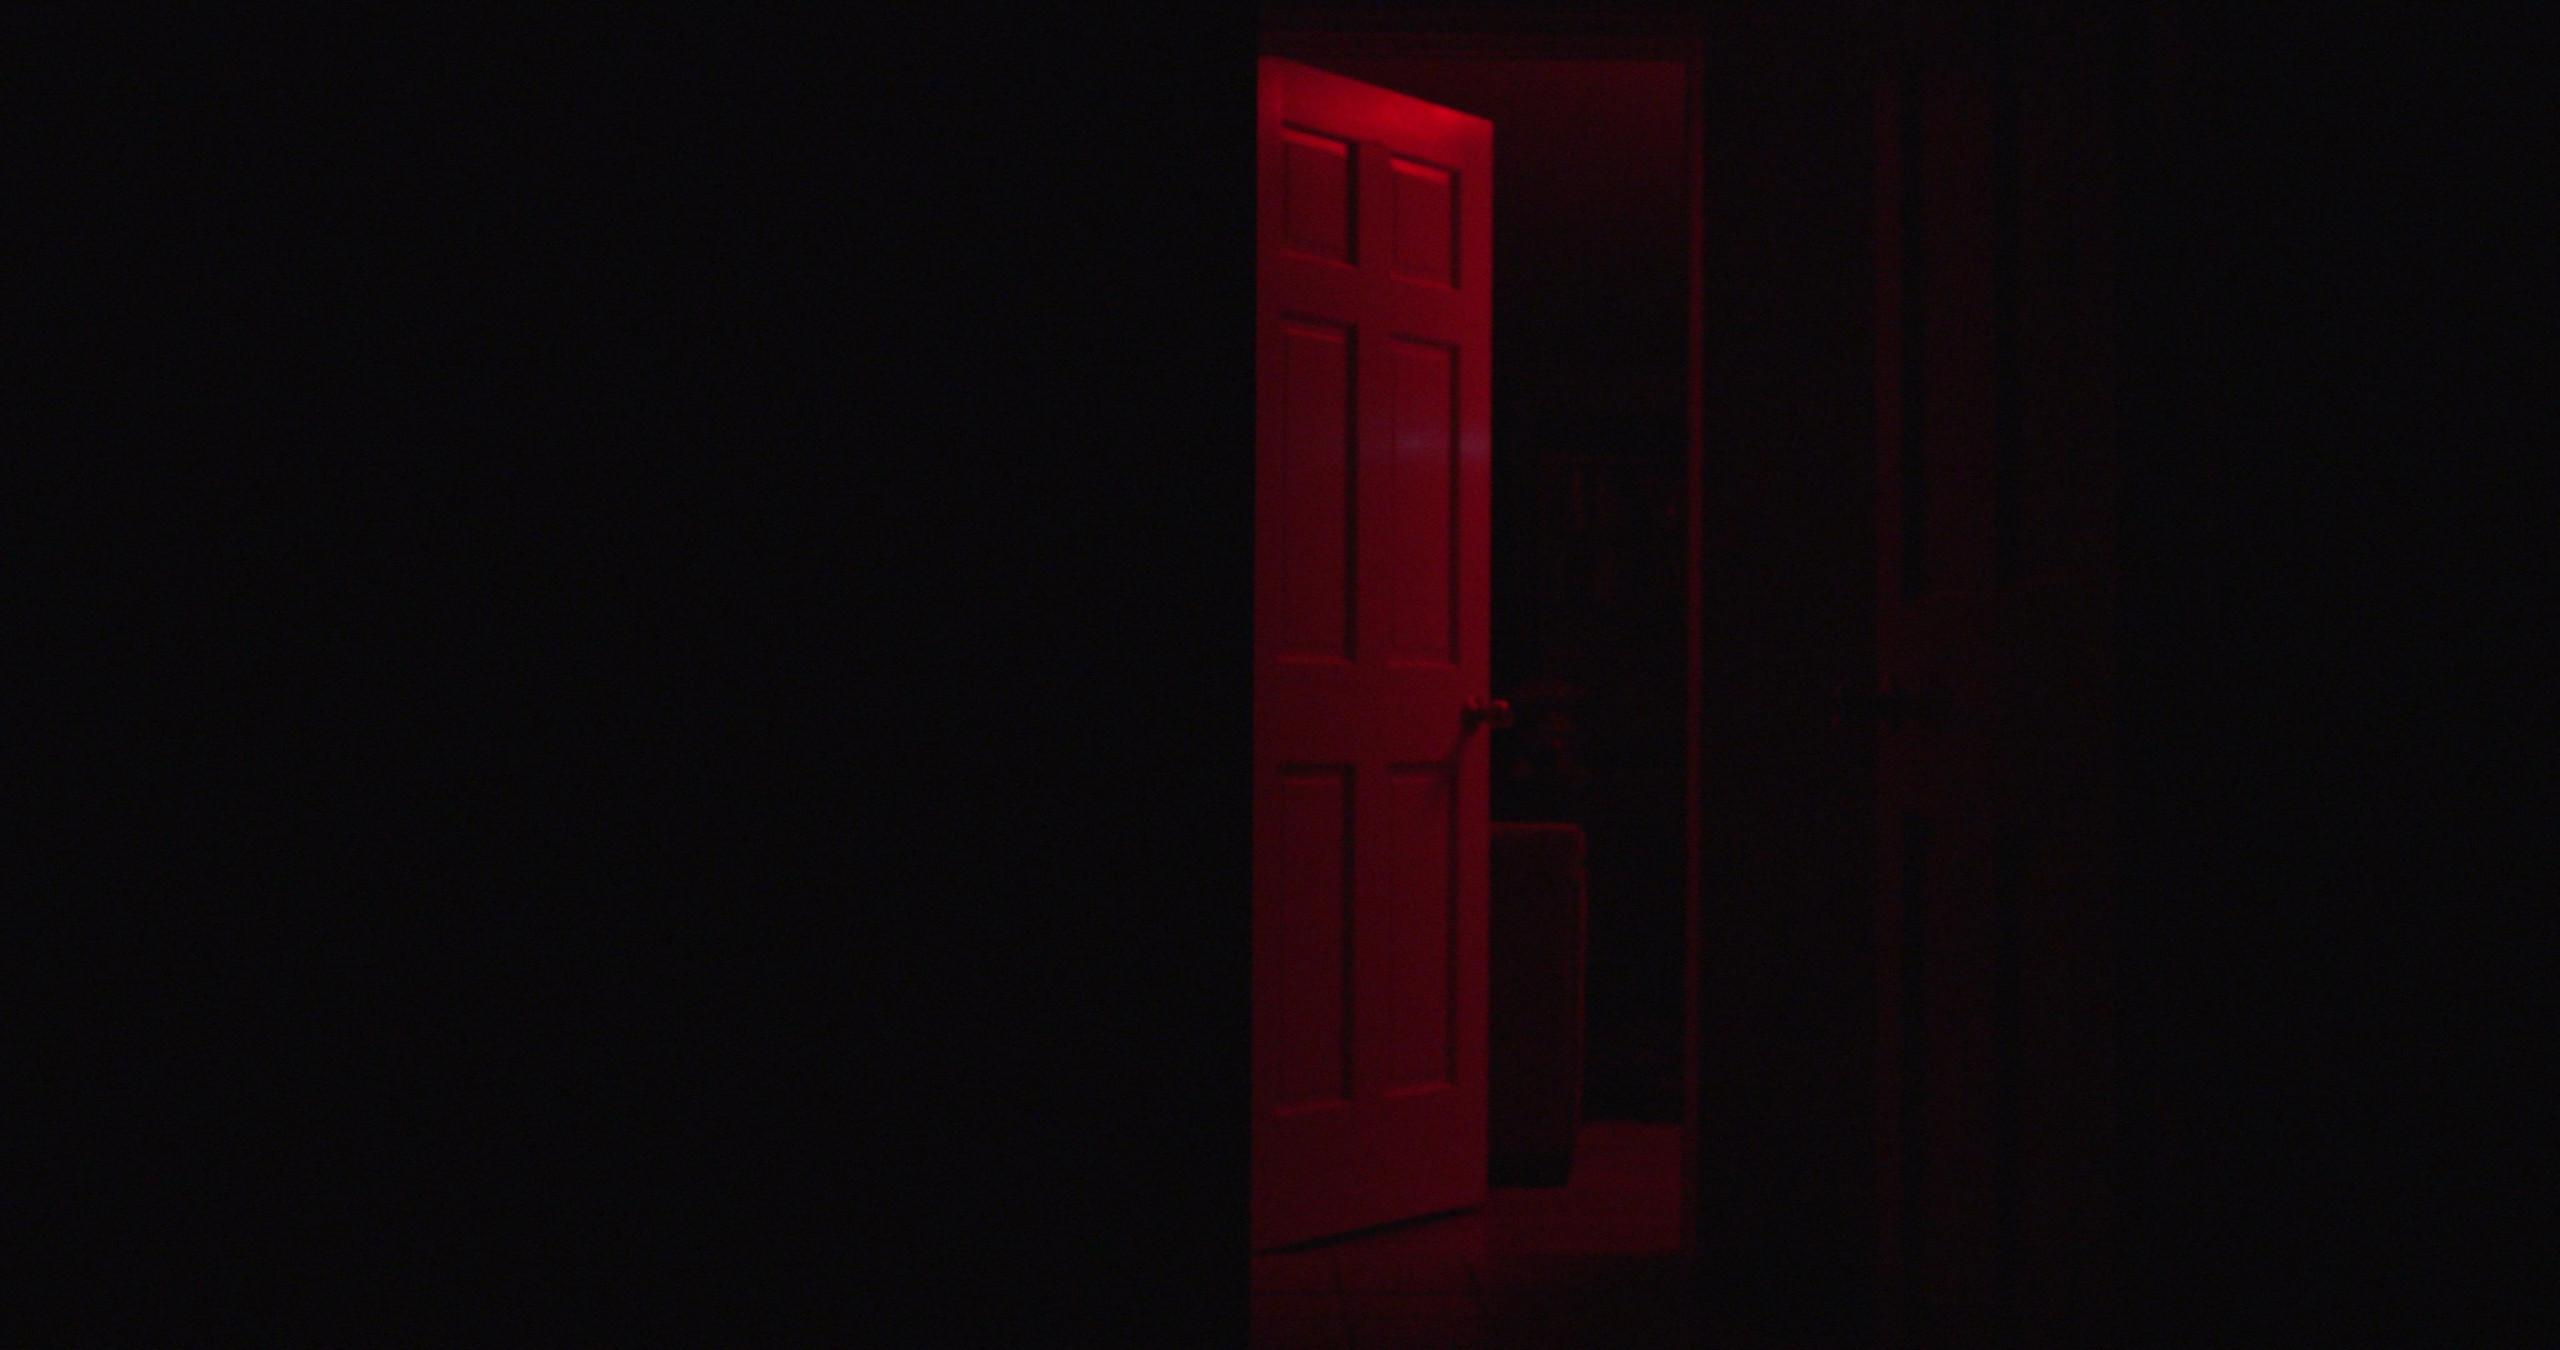 Film Still from Night Fight